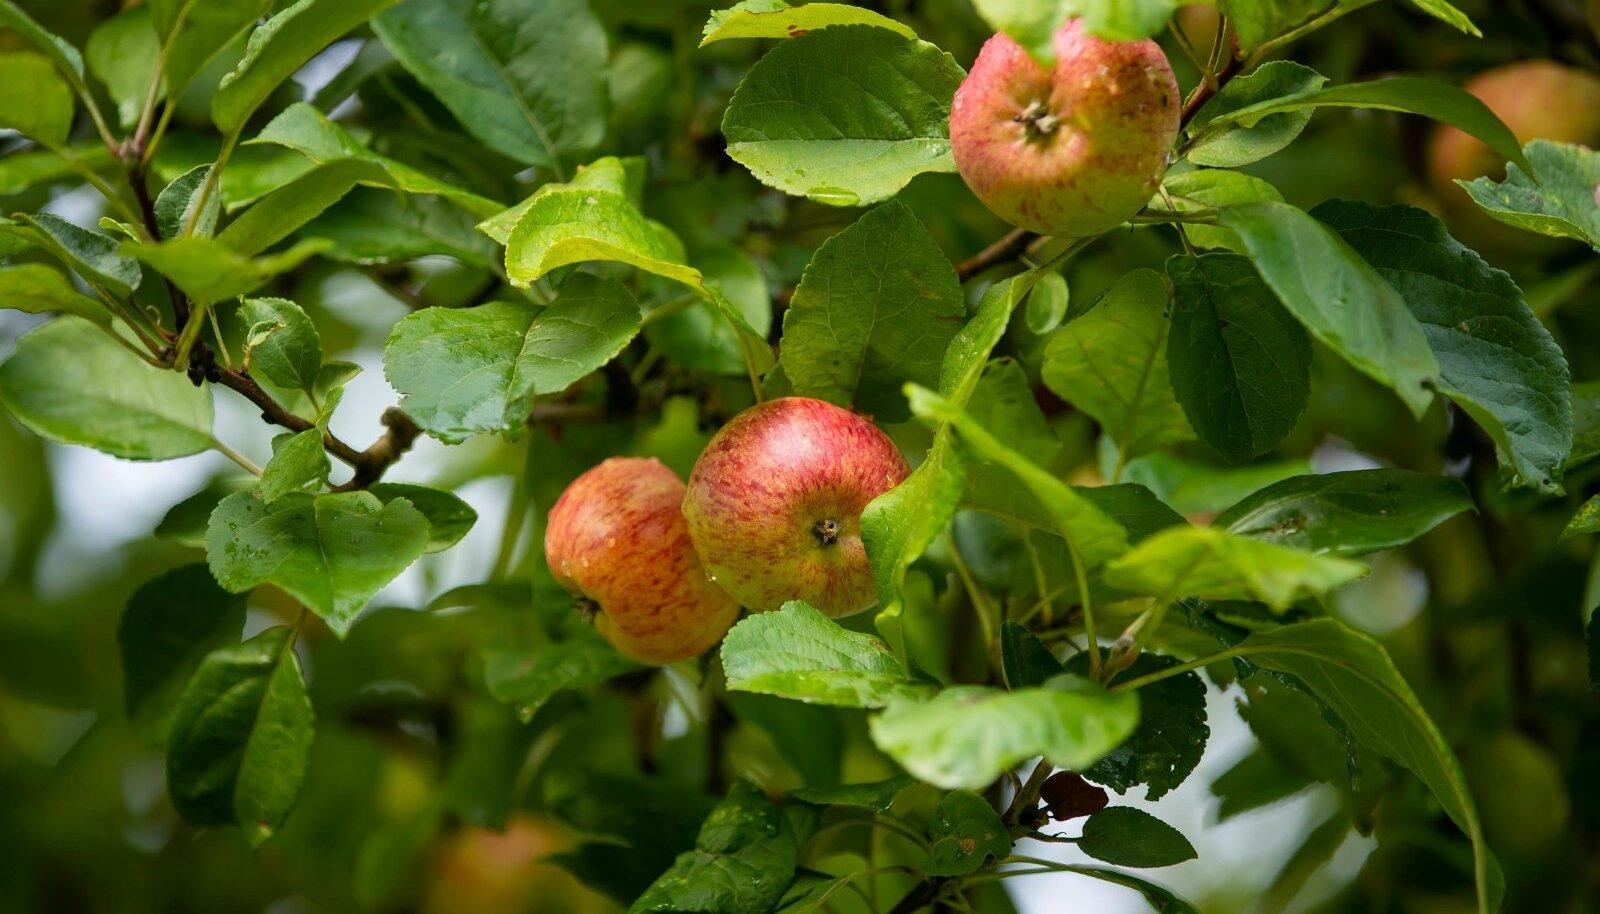 Peale õunte sai paasapäevast alates hakata sööma ka muid vilju ja värsket mett.